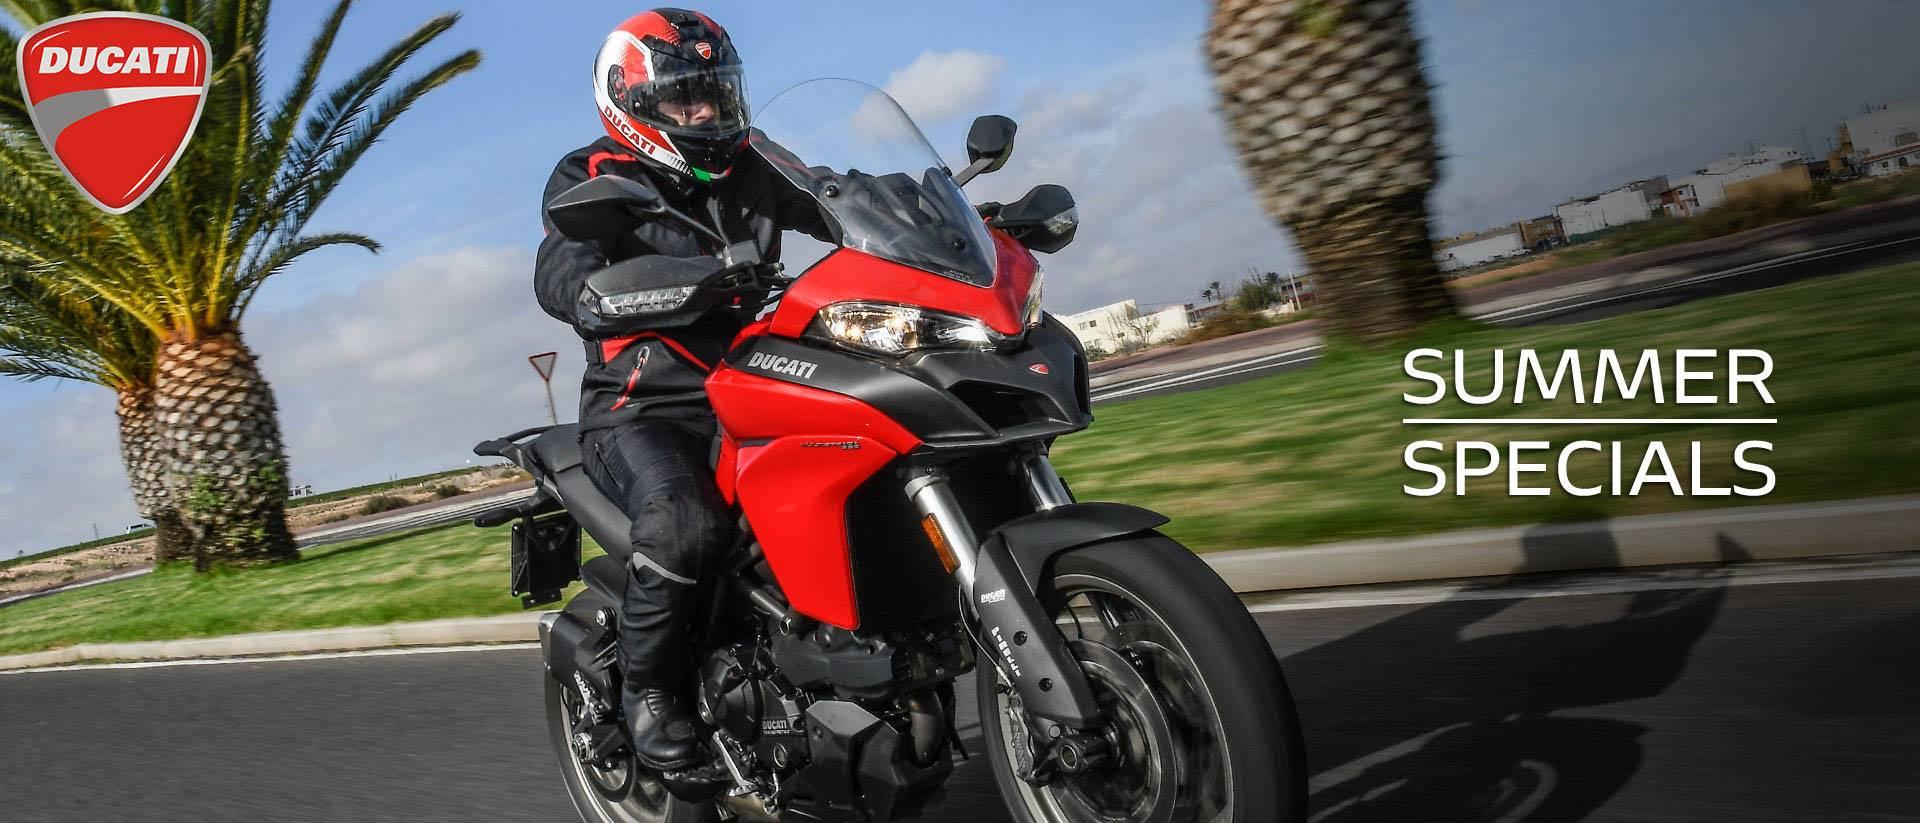 Ducati - Summer Specials - 2018